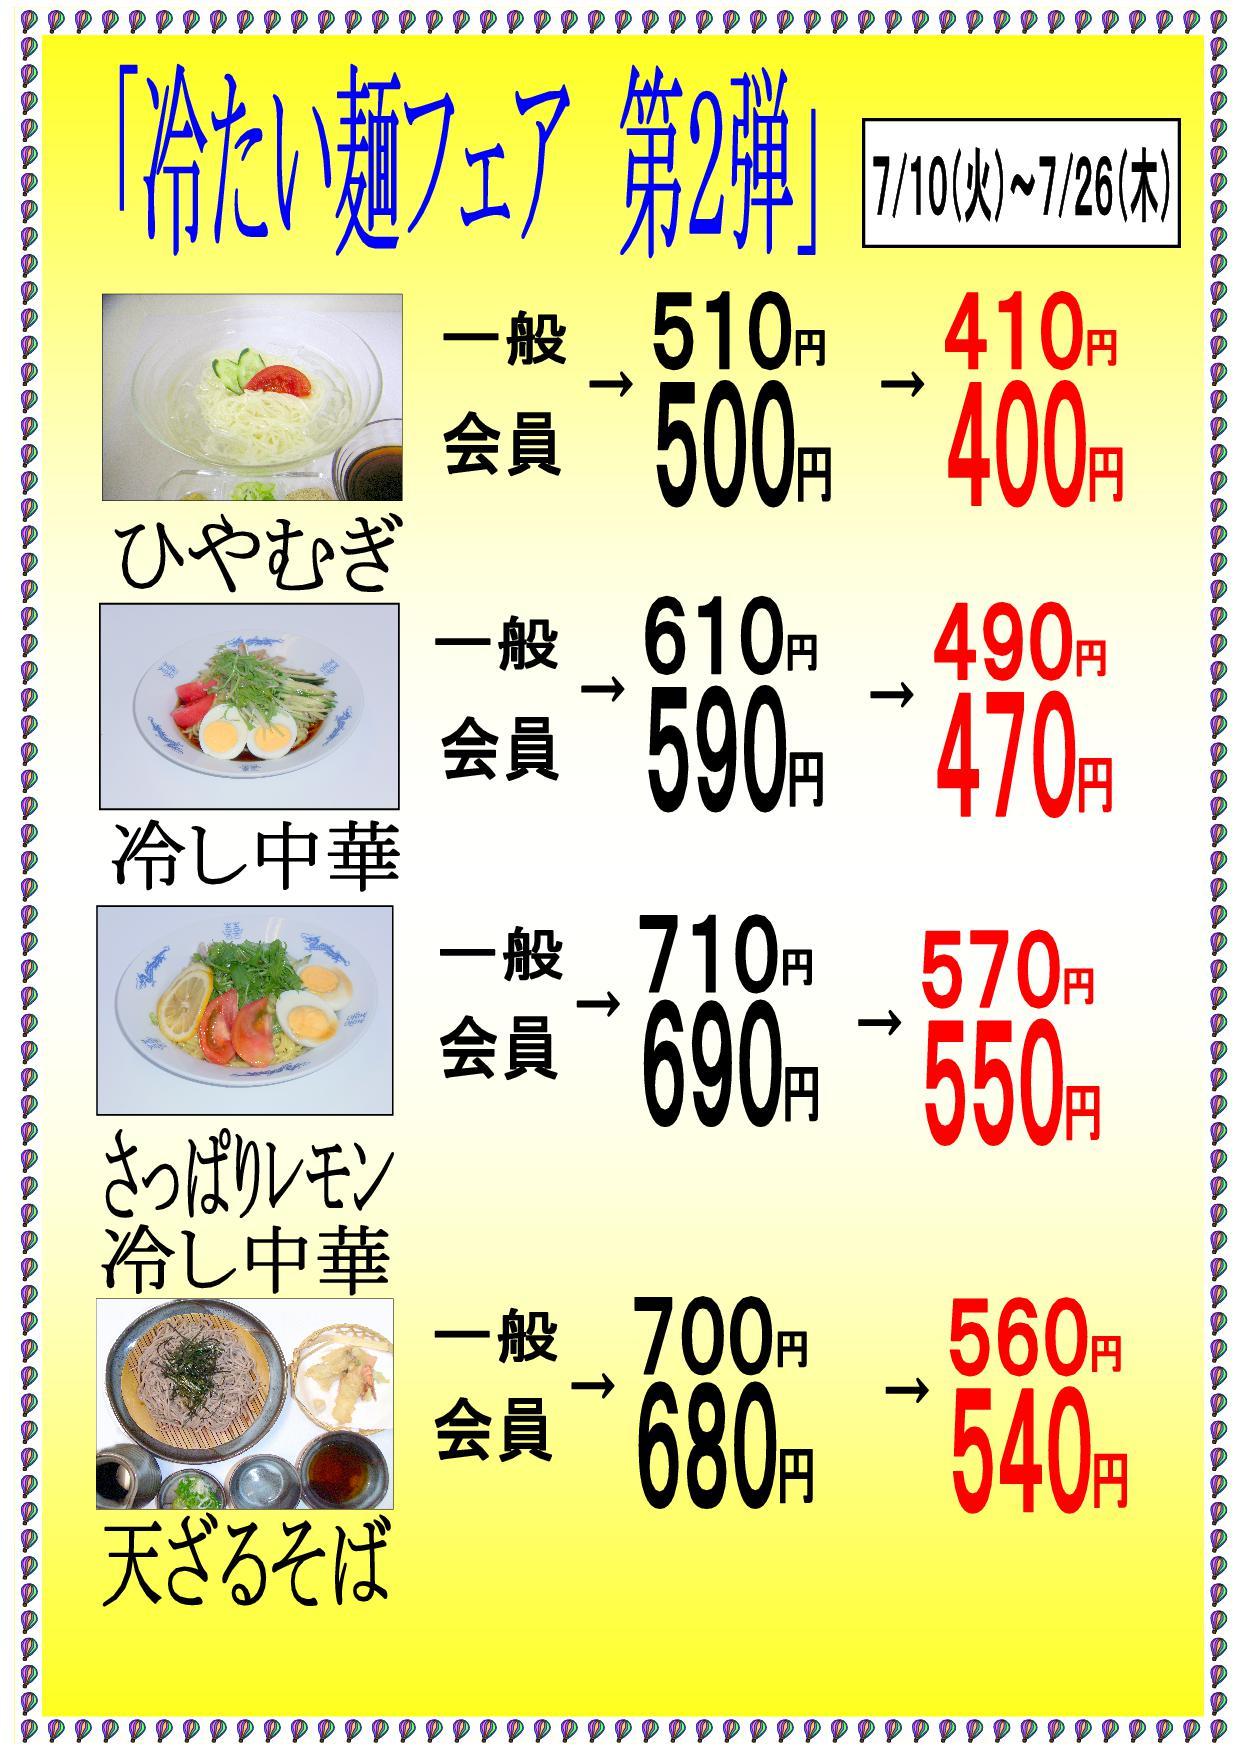 冷たい麺フェア第2弾